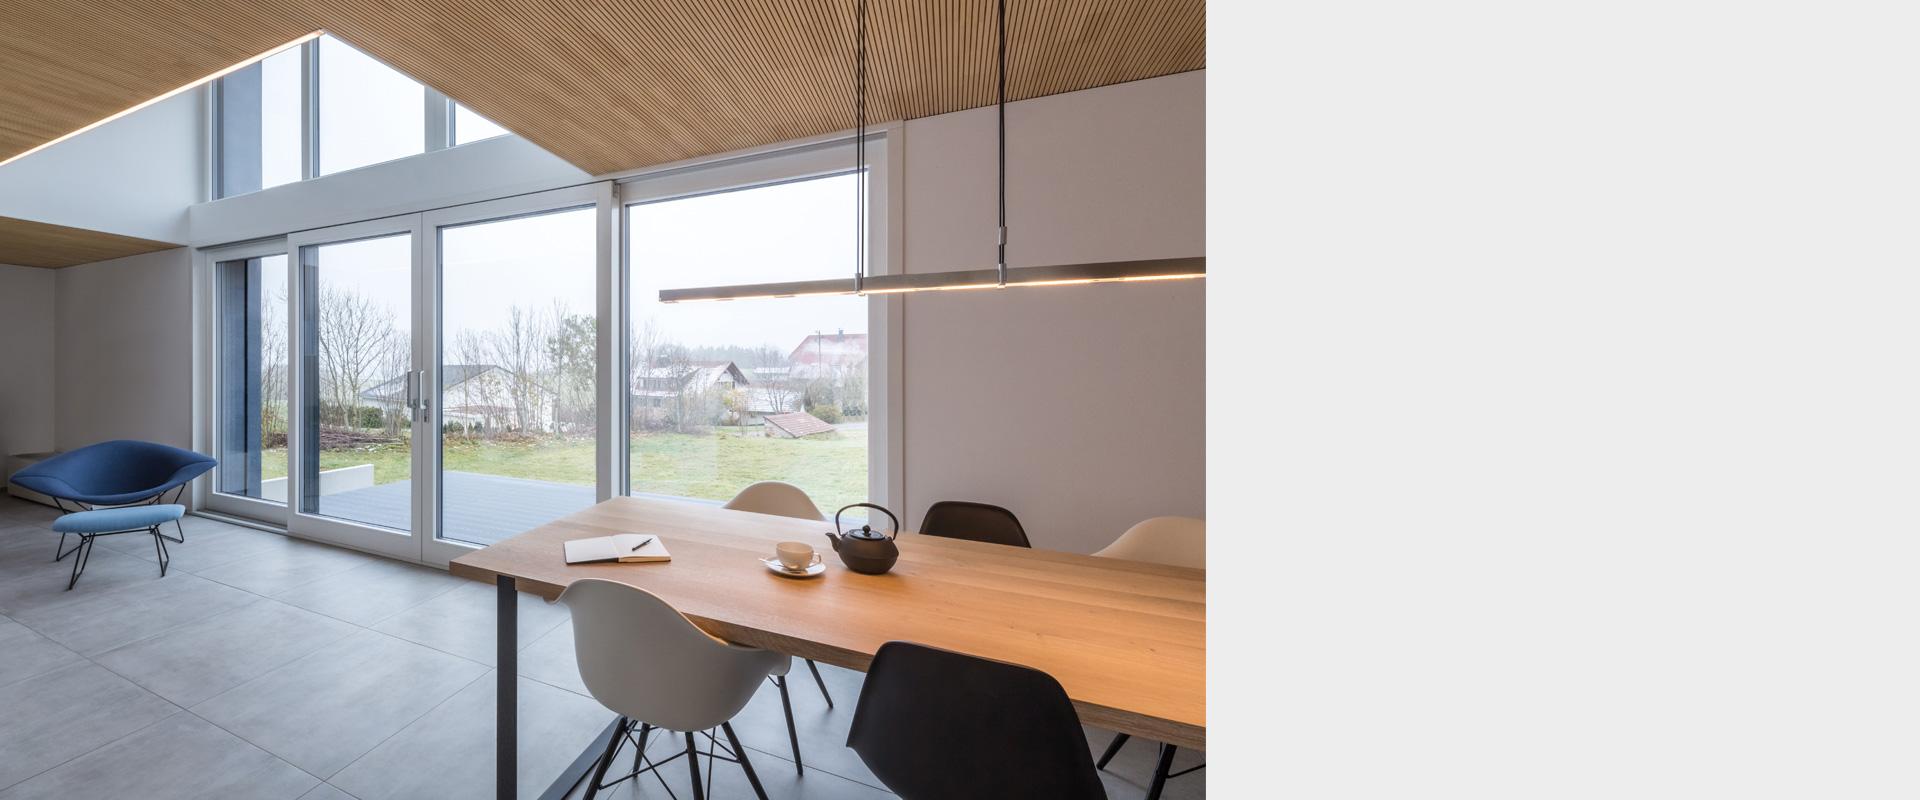 Architekturbüro musahl Waldshut Wohnhaus S. in Oberweschnegg Essen